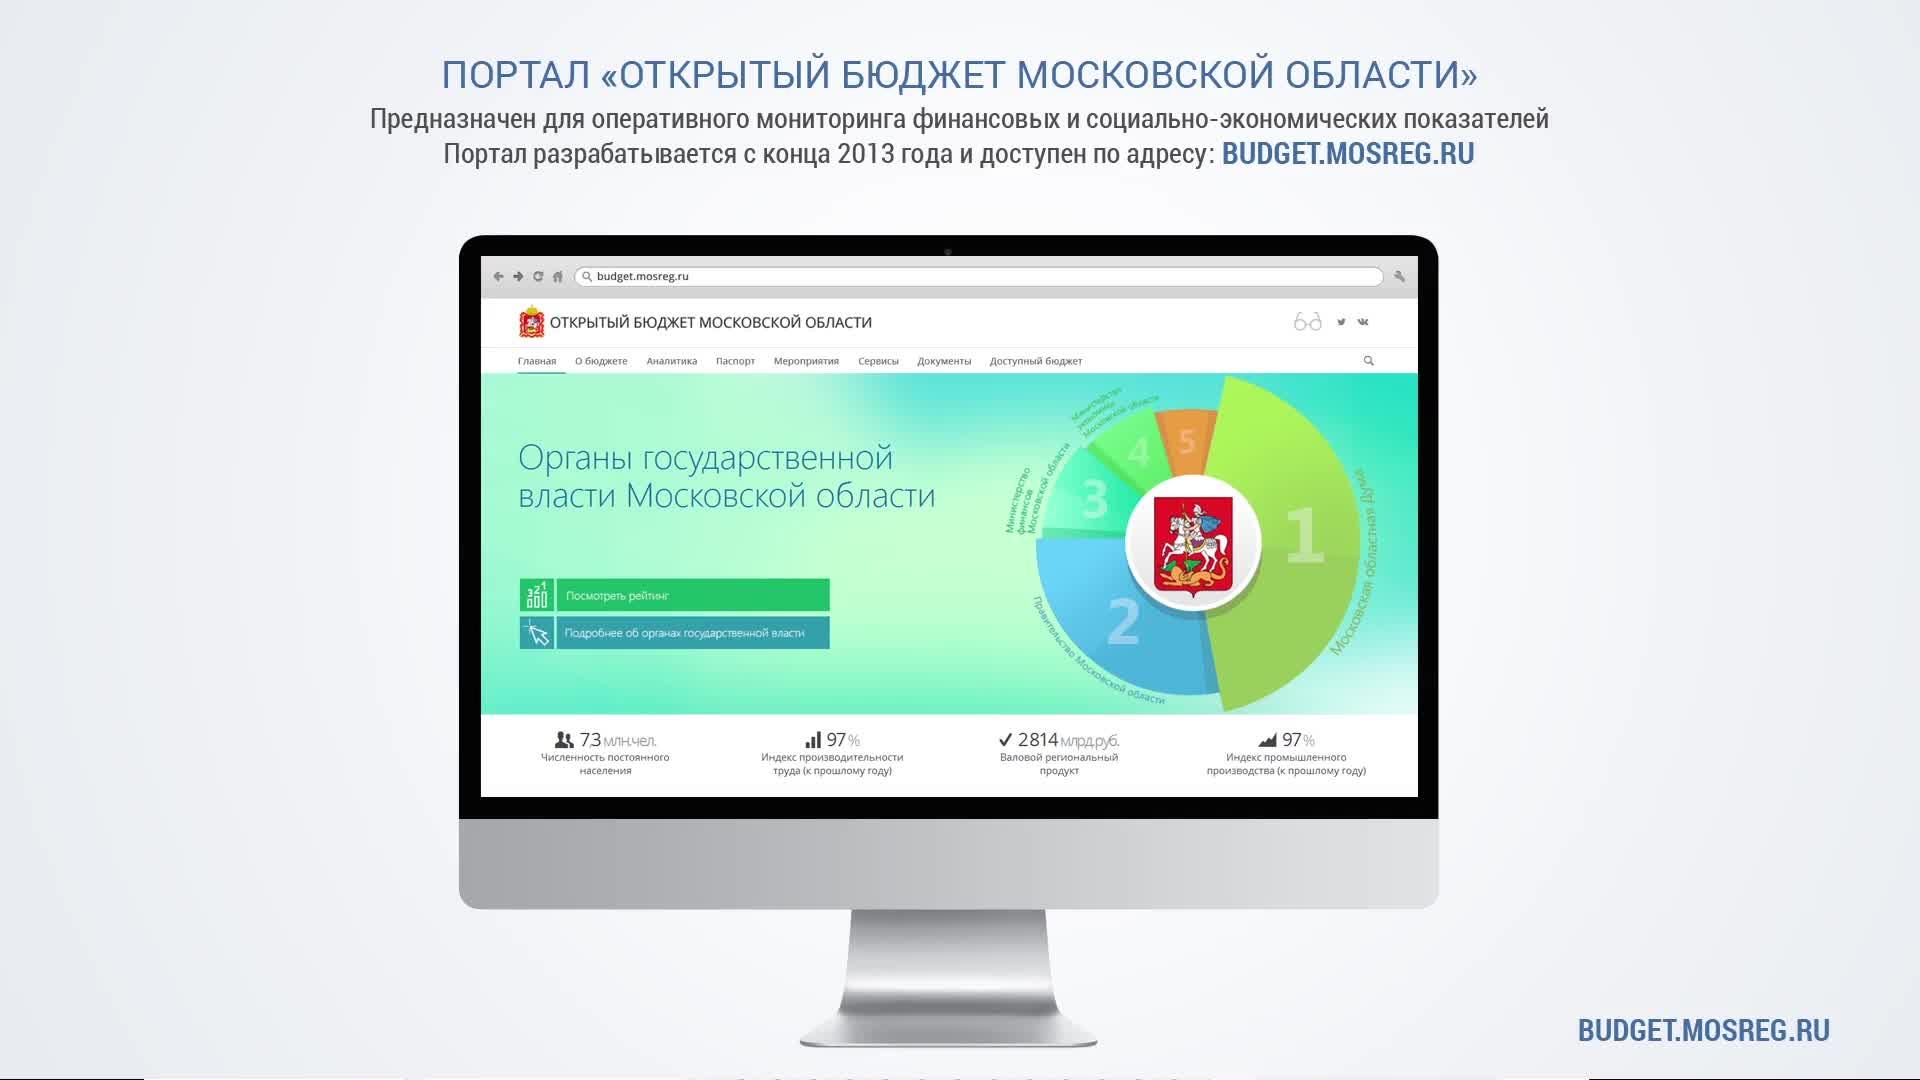 """Портал """"Открытый бюджет Московской области"""""""